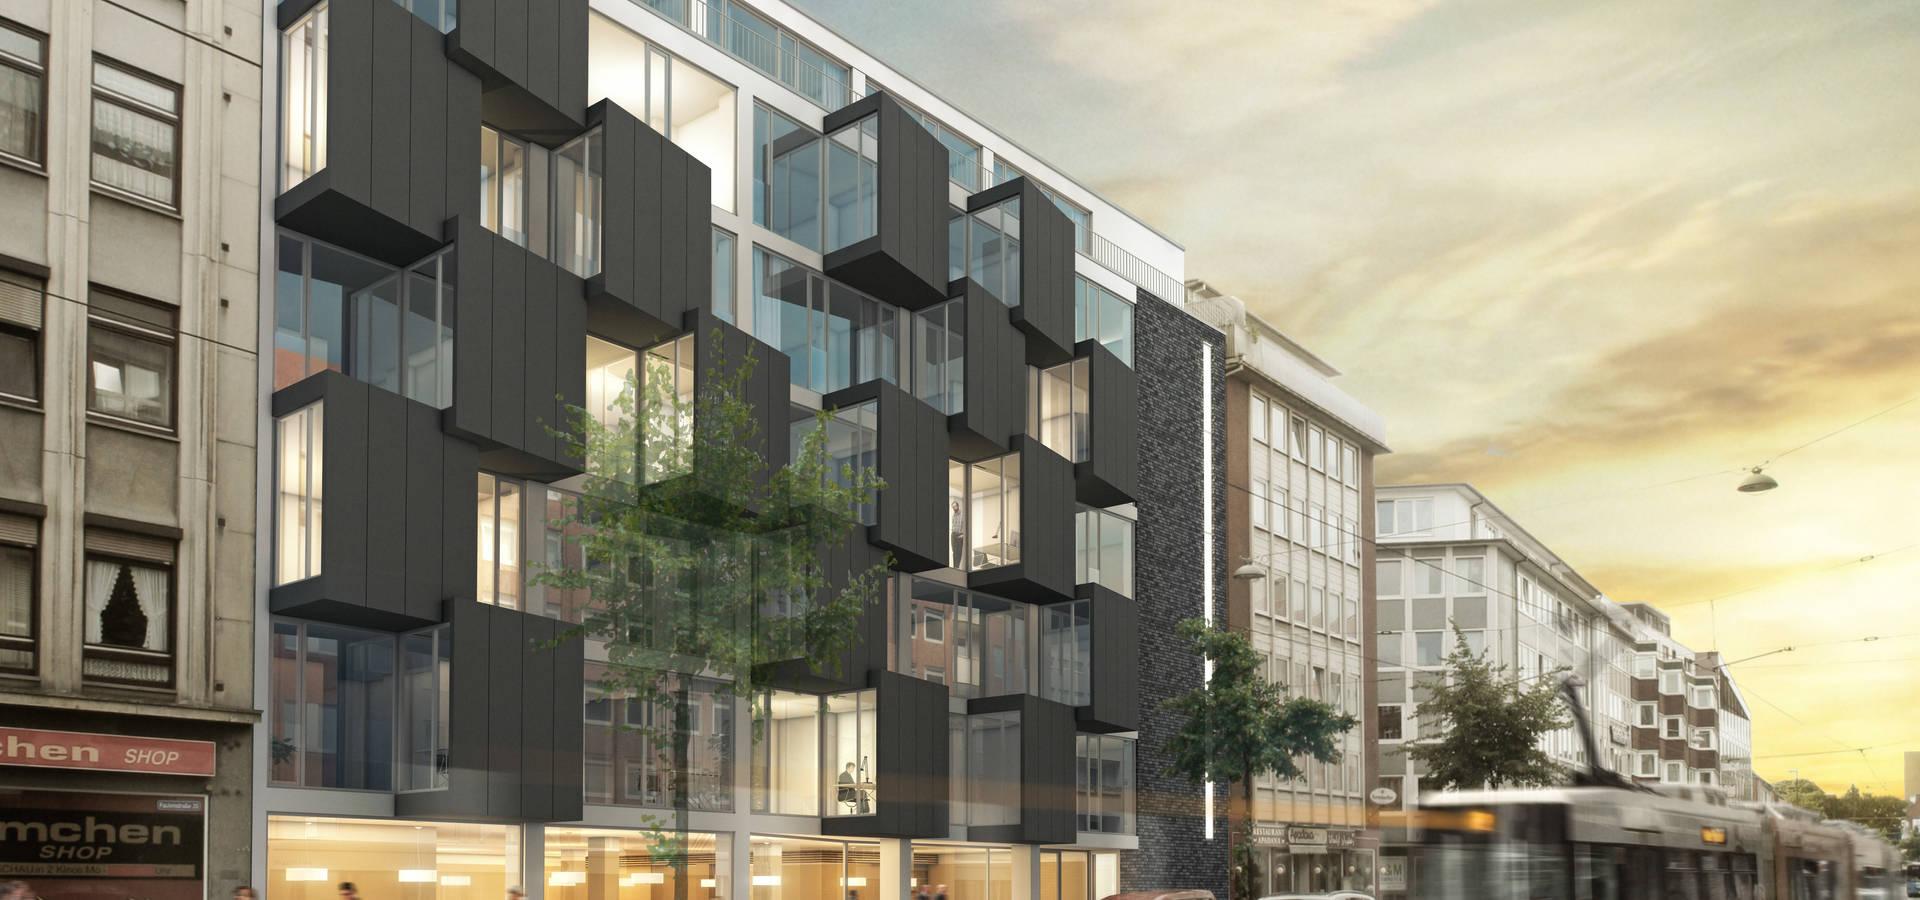 gmd architekten architekten in bremen homify. Black Bedroom Furniture Sets. Home Design Ideas